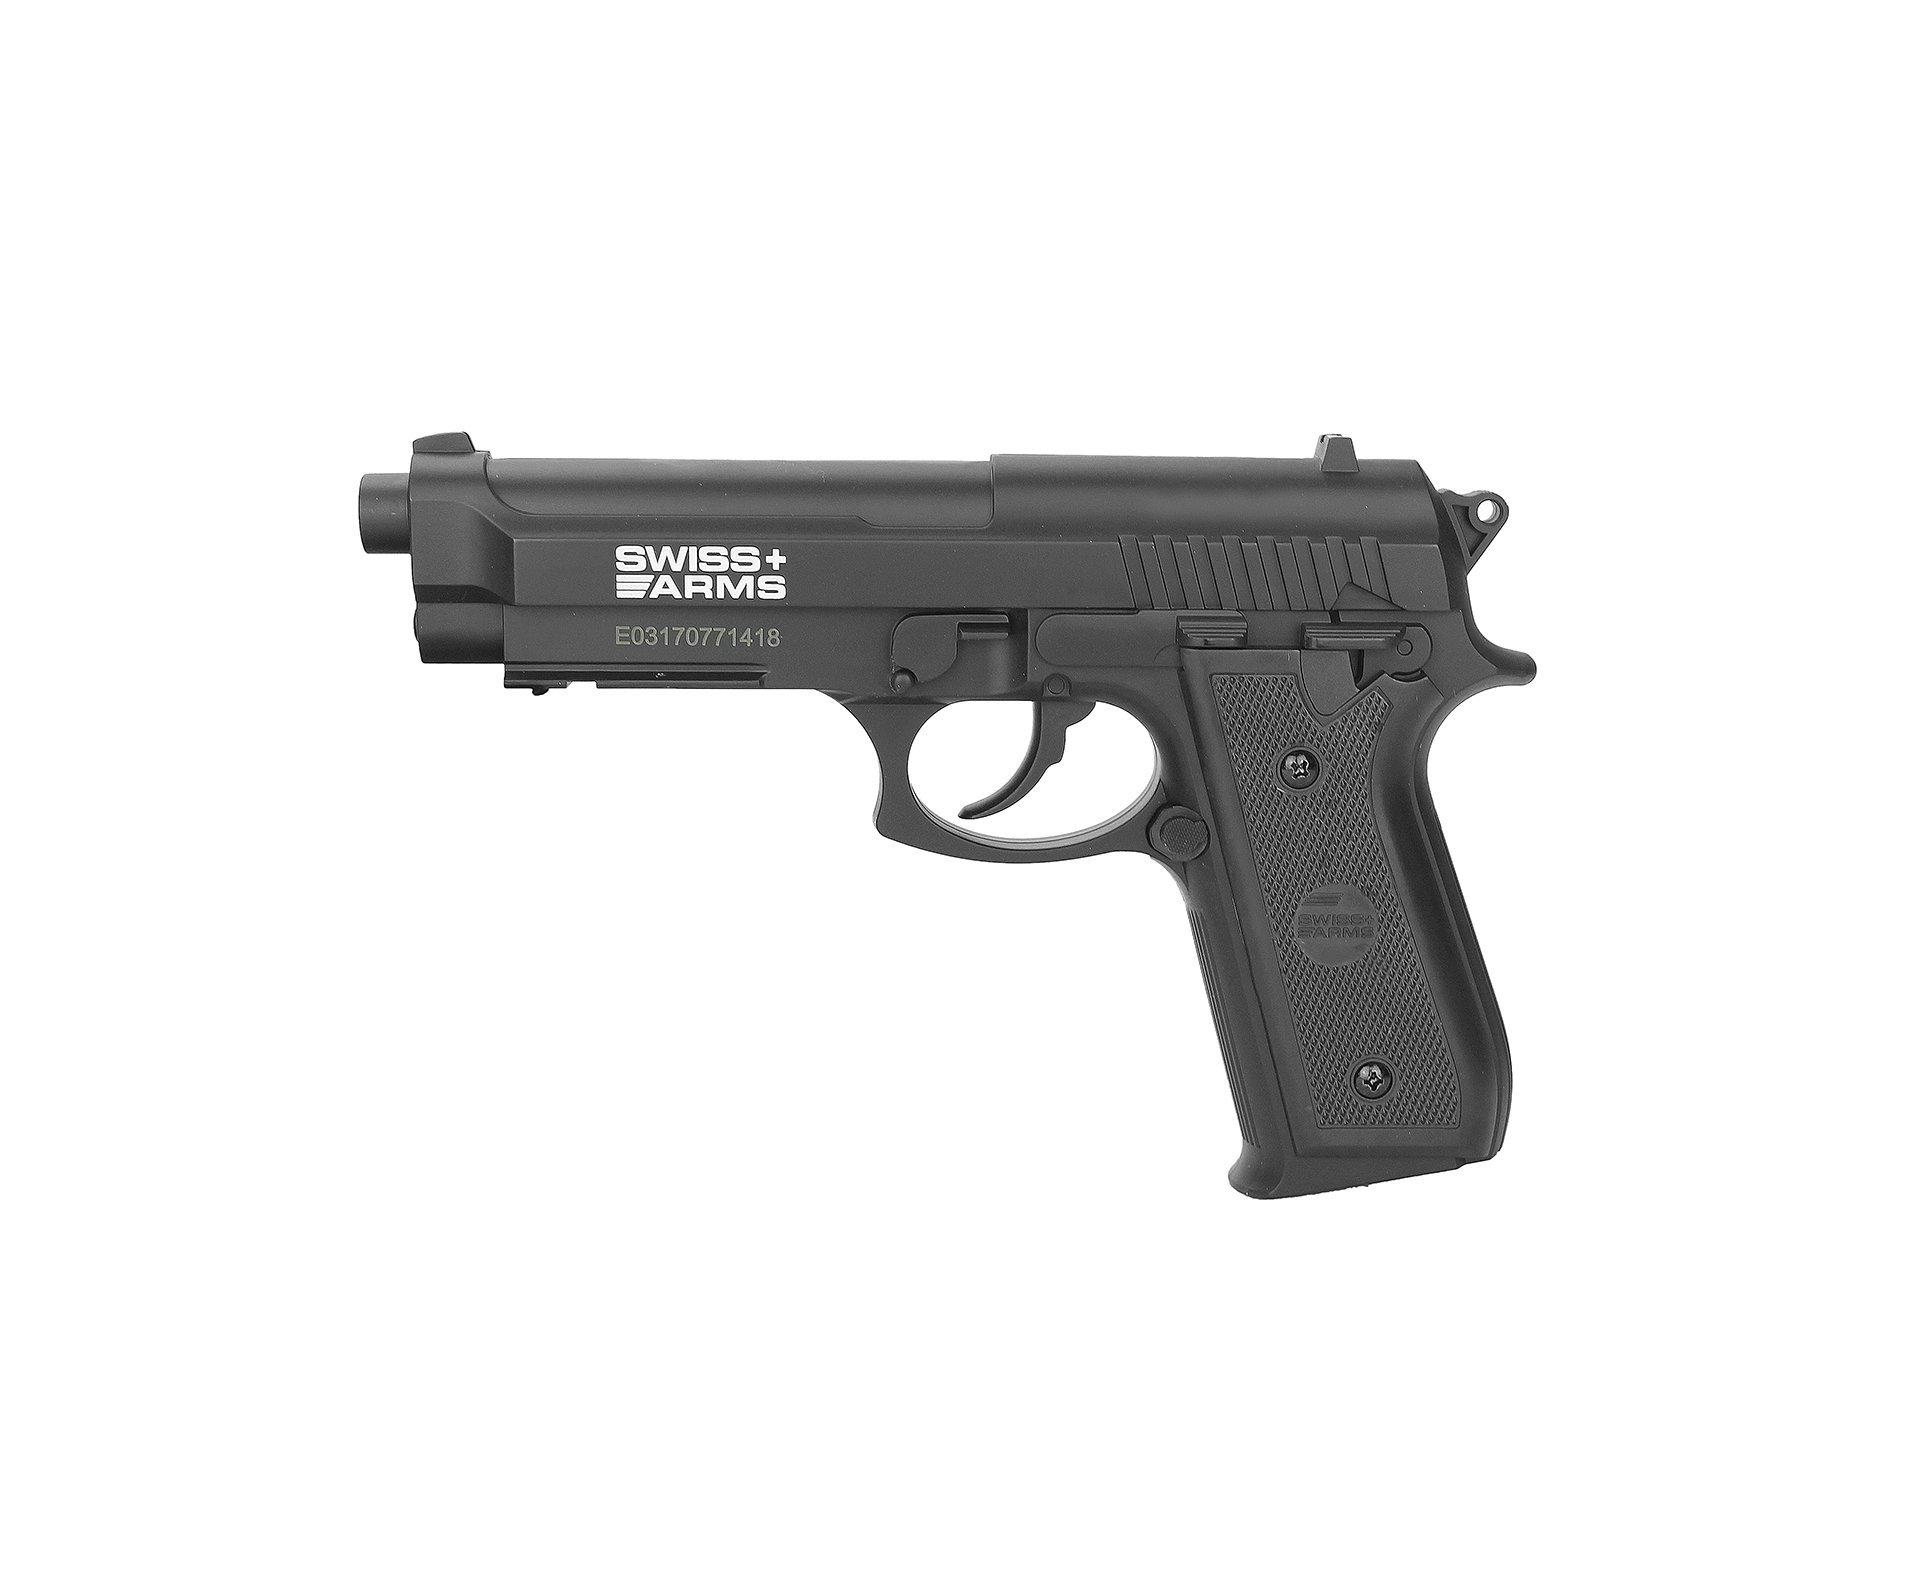 Pistola De Pressão Gas Co2 Sa P92 4.5mm Swiss Arms